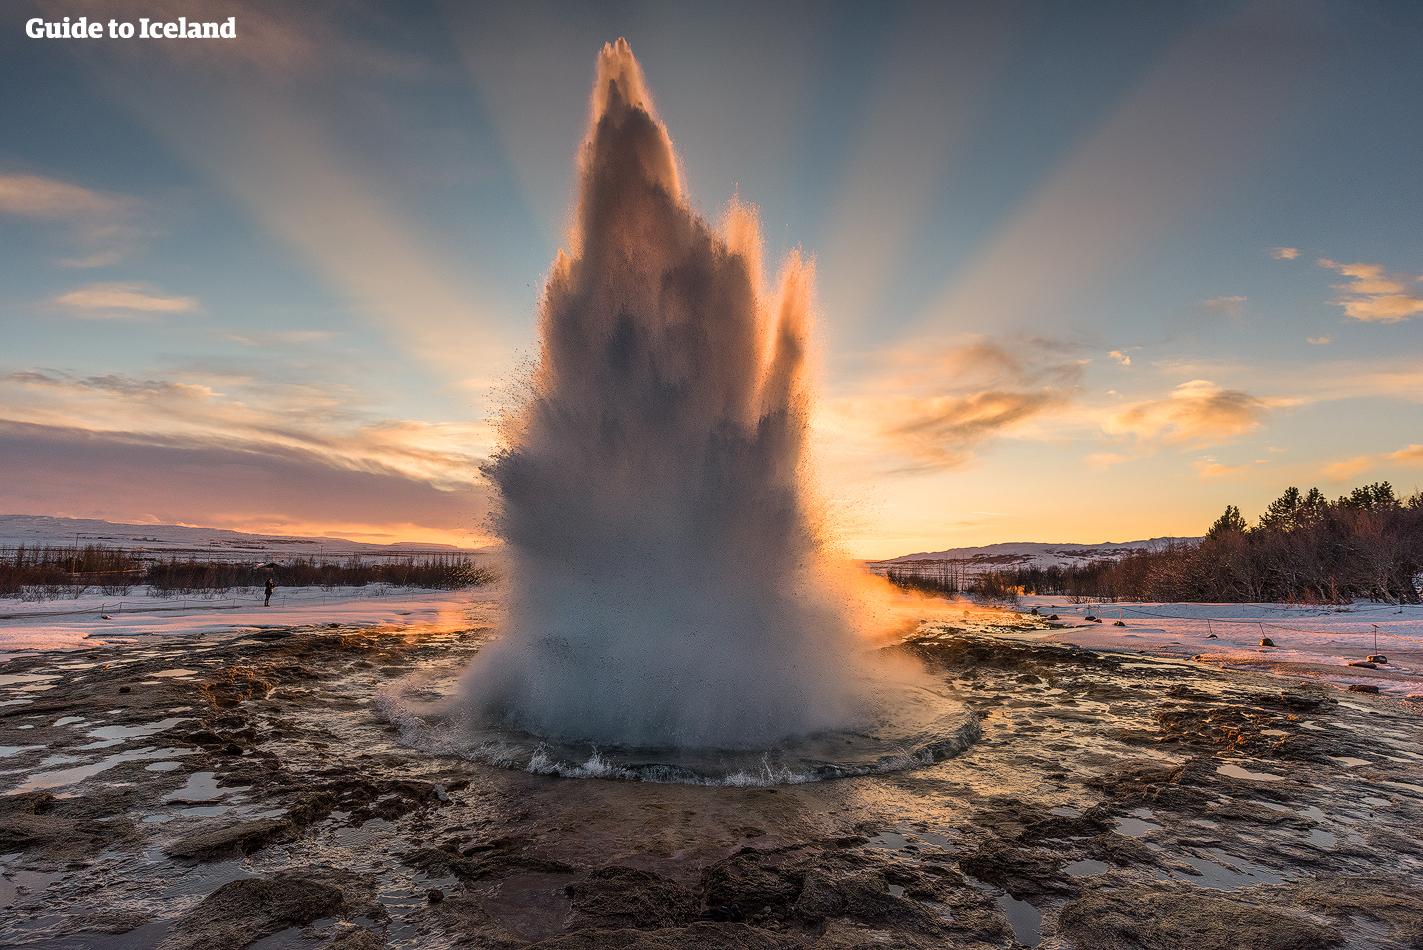 Strokkur, de actiefste geiser in het geothermische gebied Geysir, die uitbarst in het licht van de winterzon